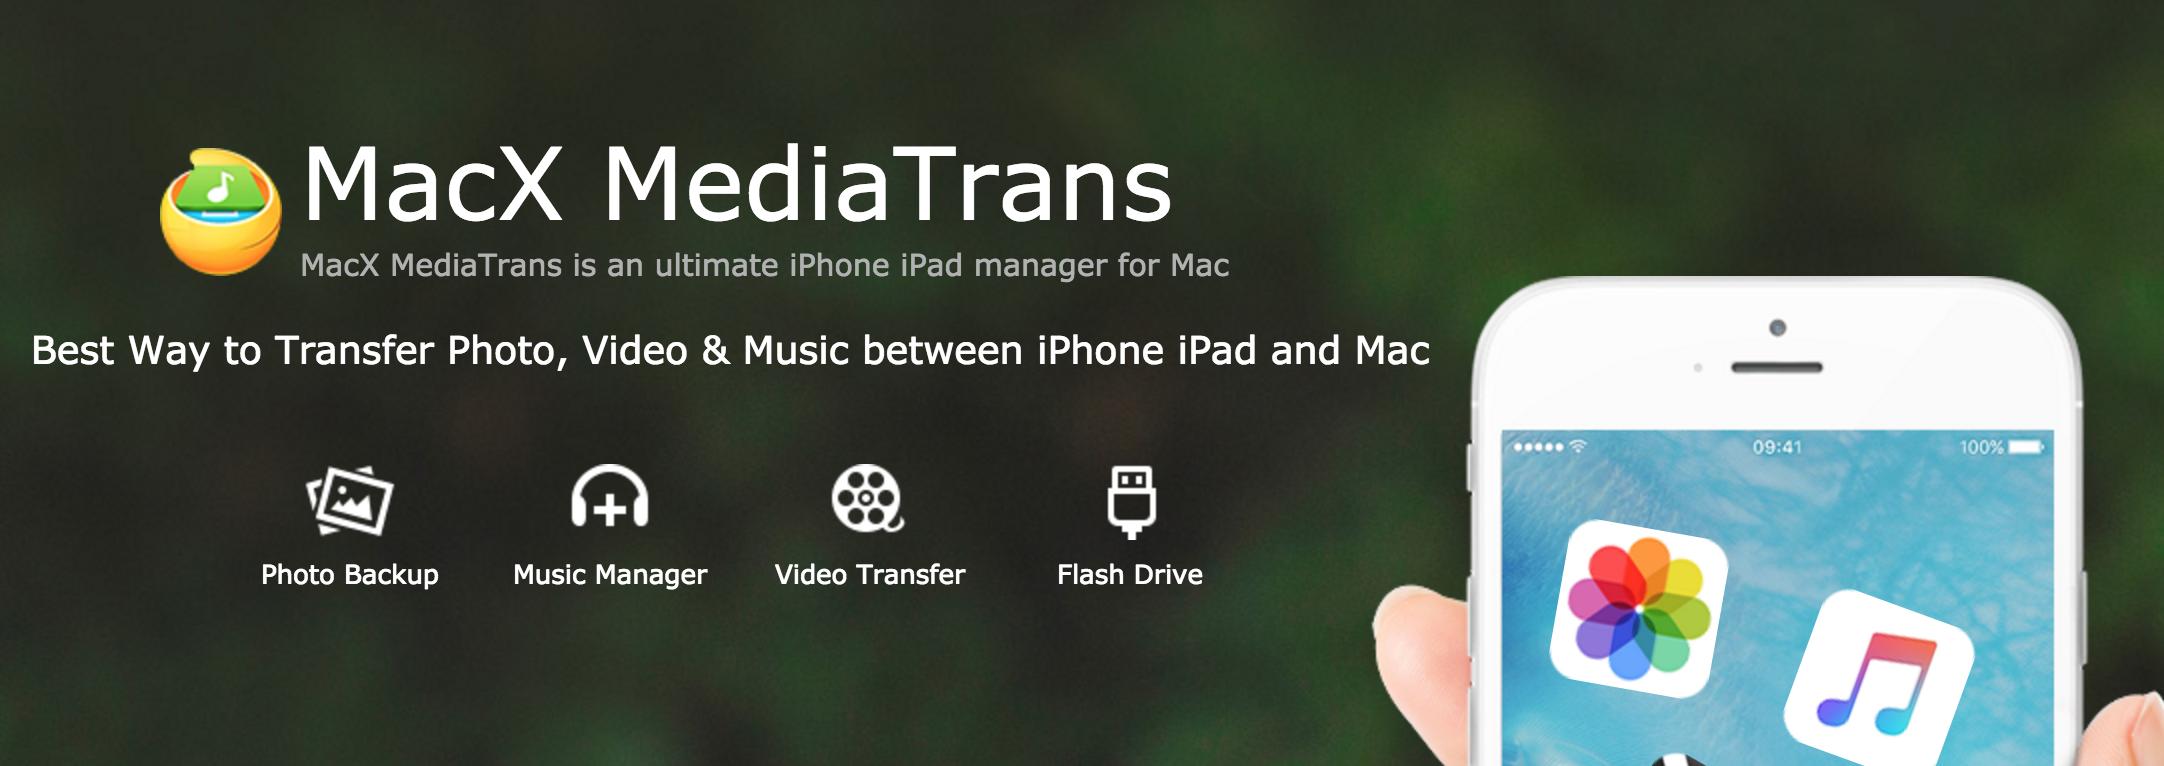 macx-mediatrans-header